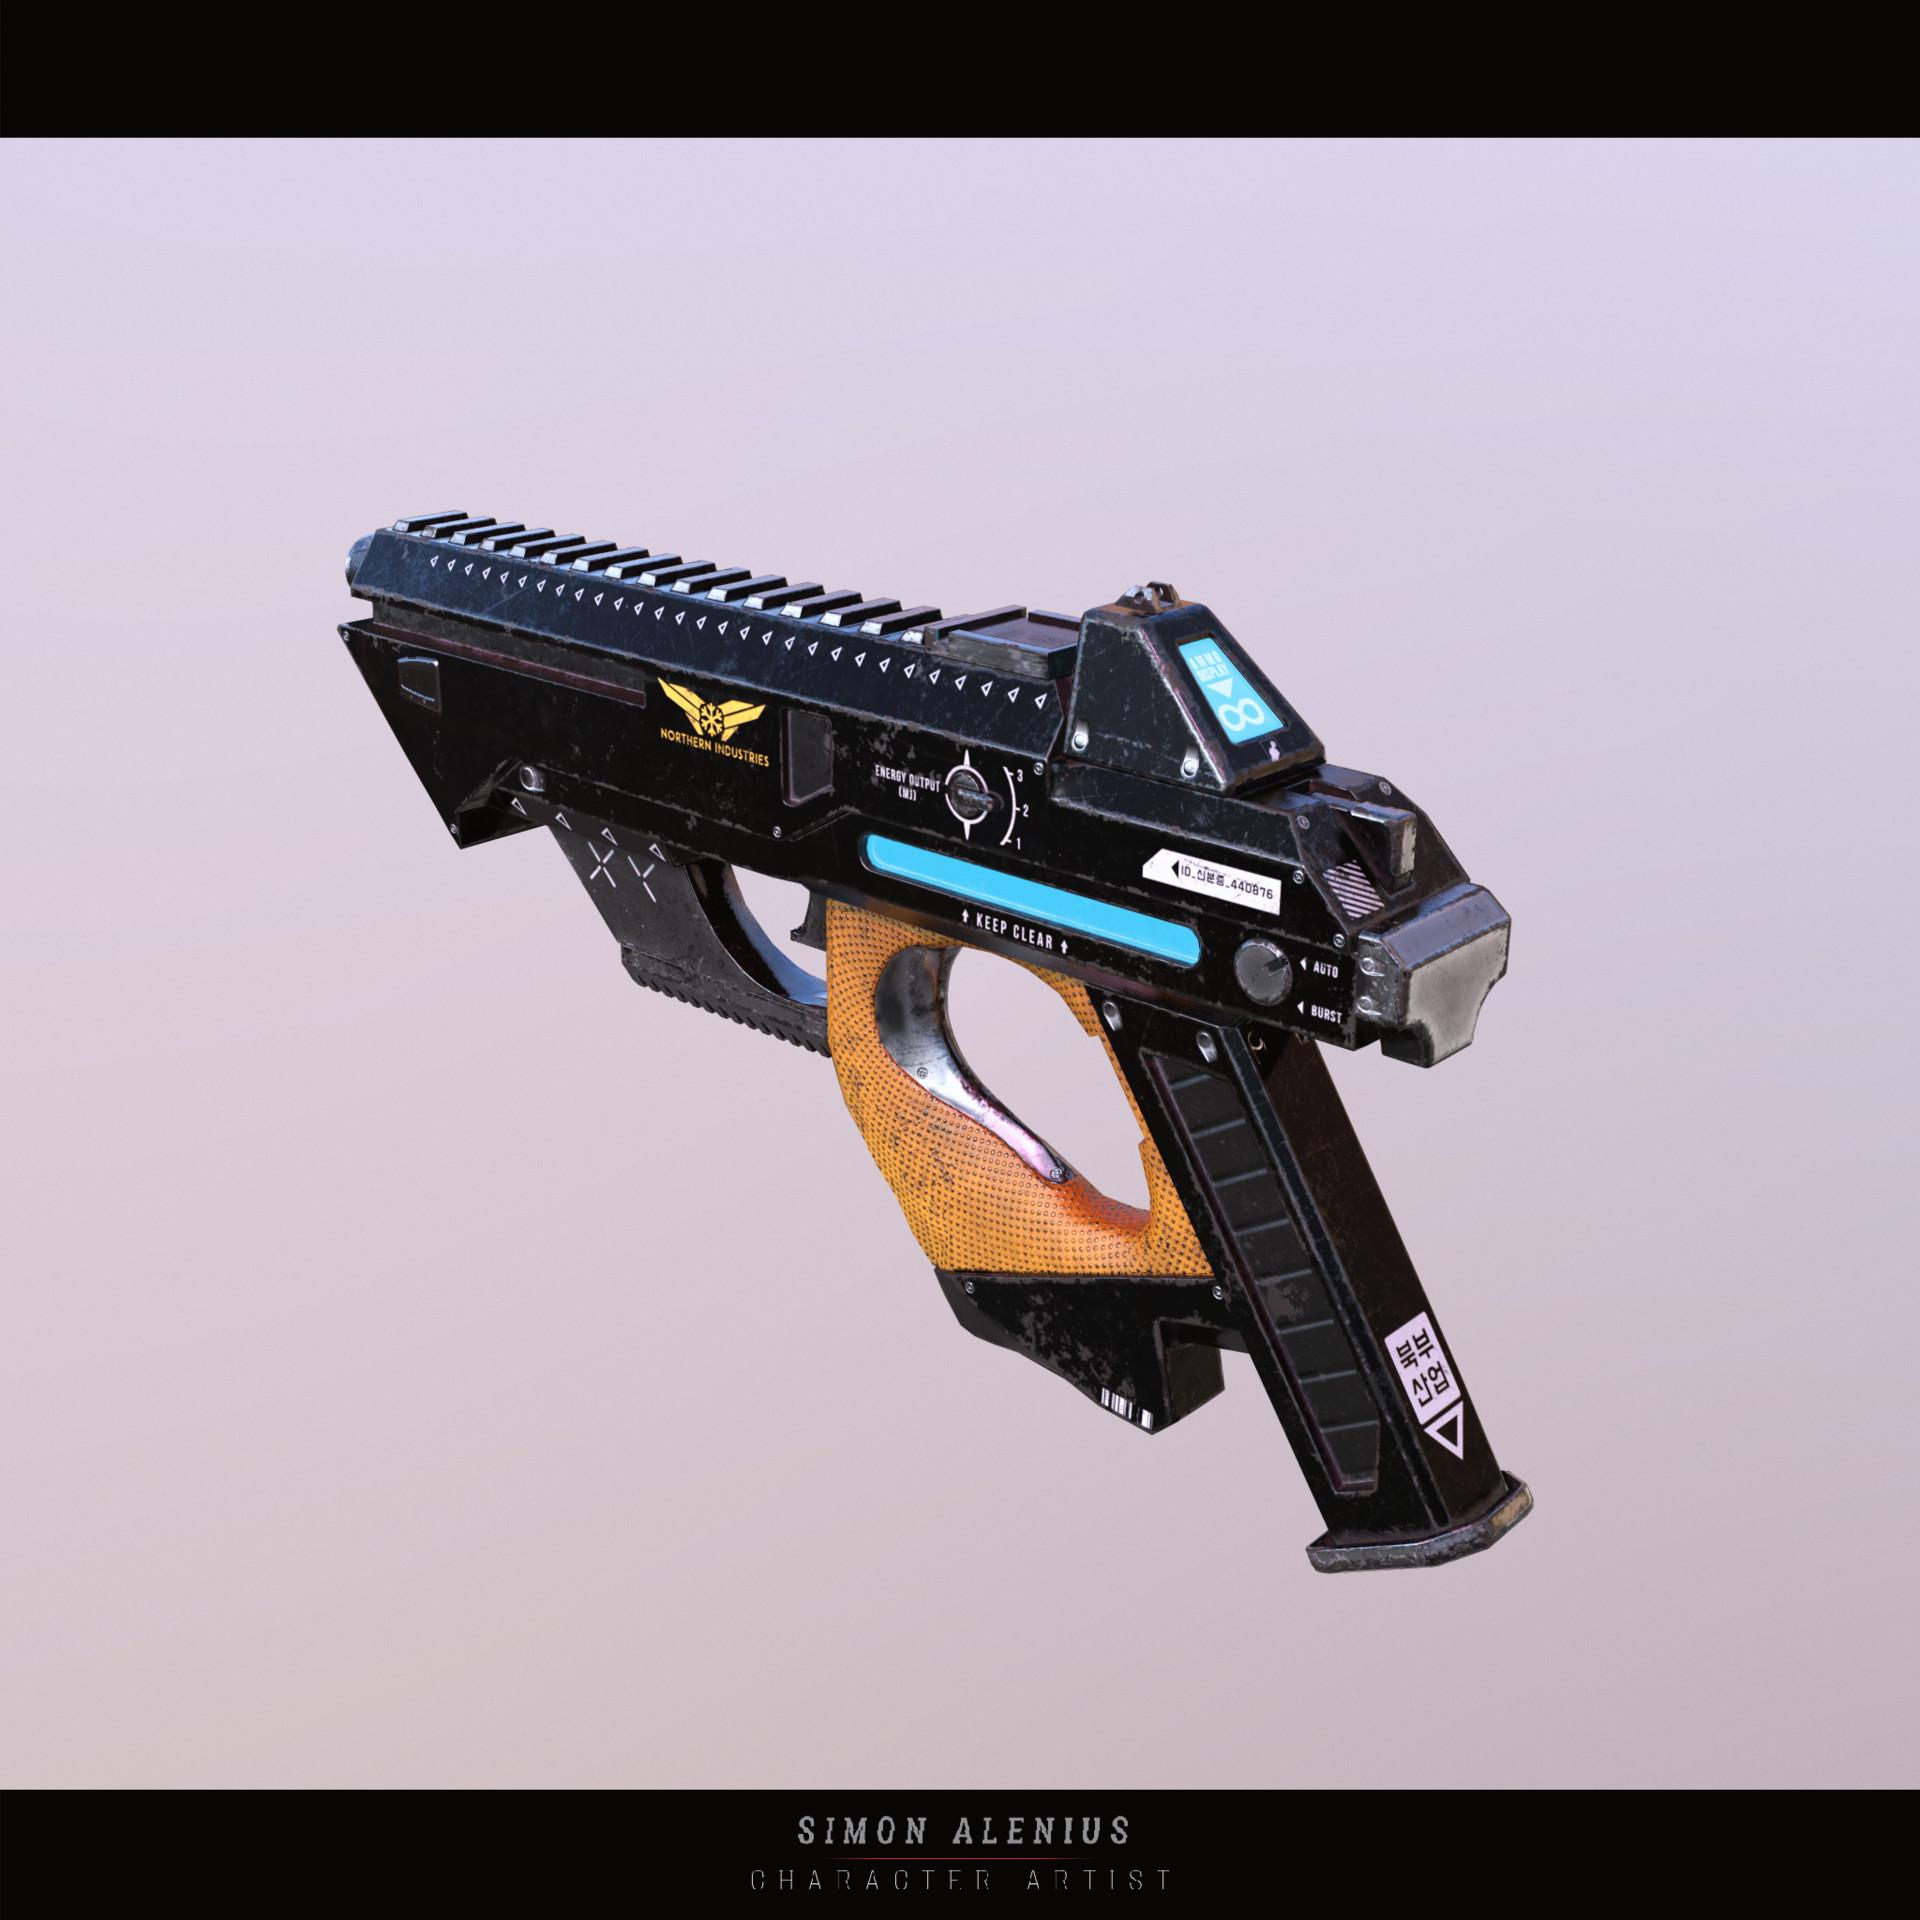 Simon alenius pistol 01